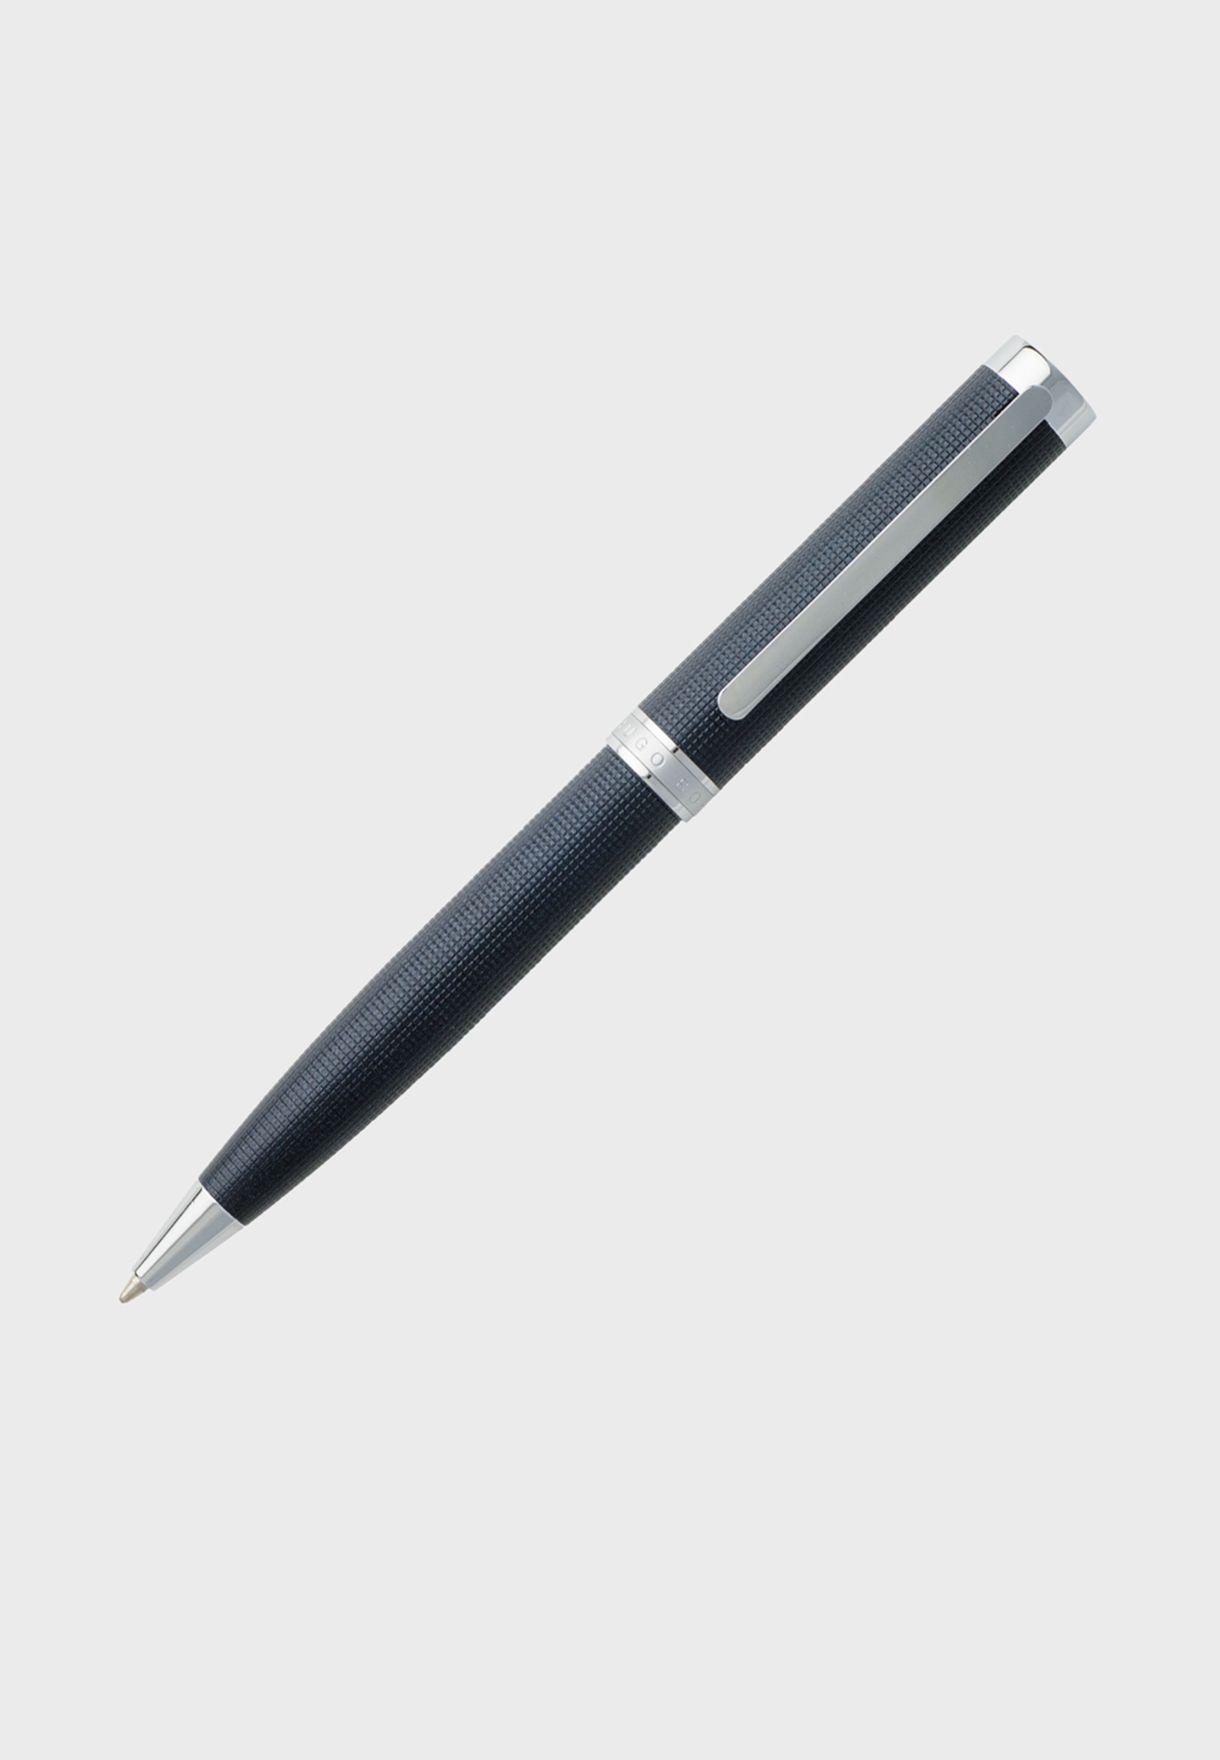 Column Ballpoint Pen